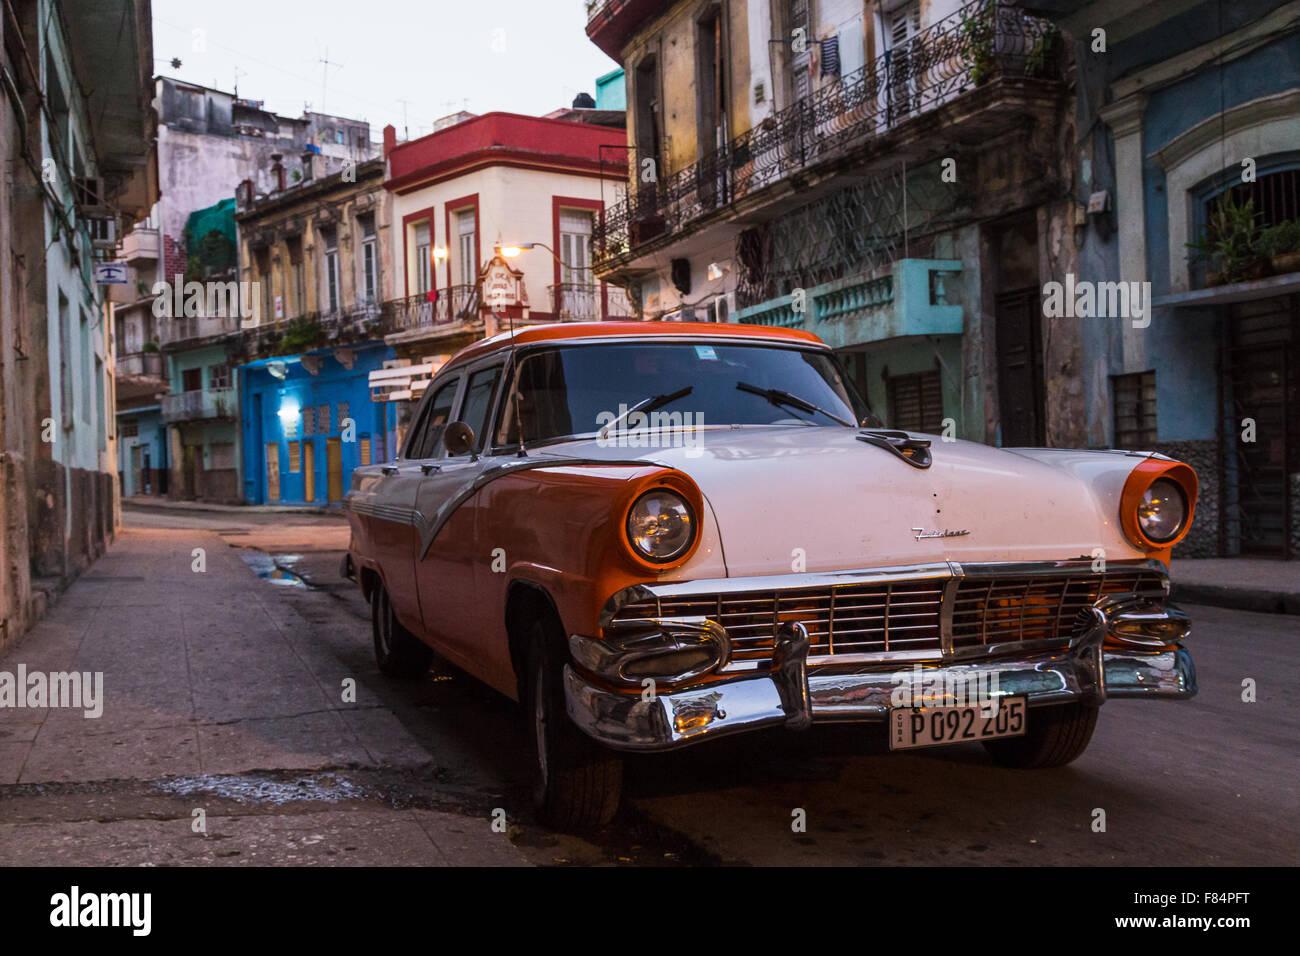 Una mañana temprano en el centro de La Habana. Foto de stock